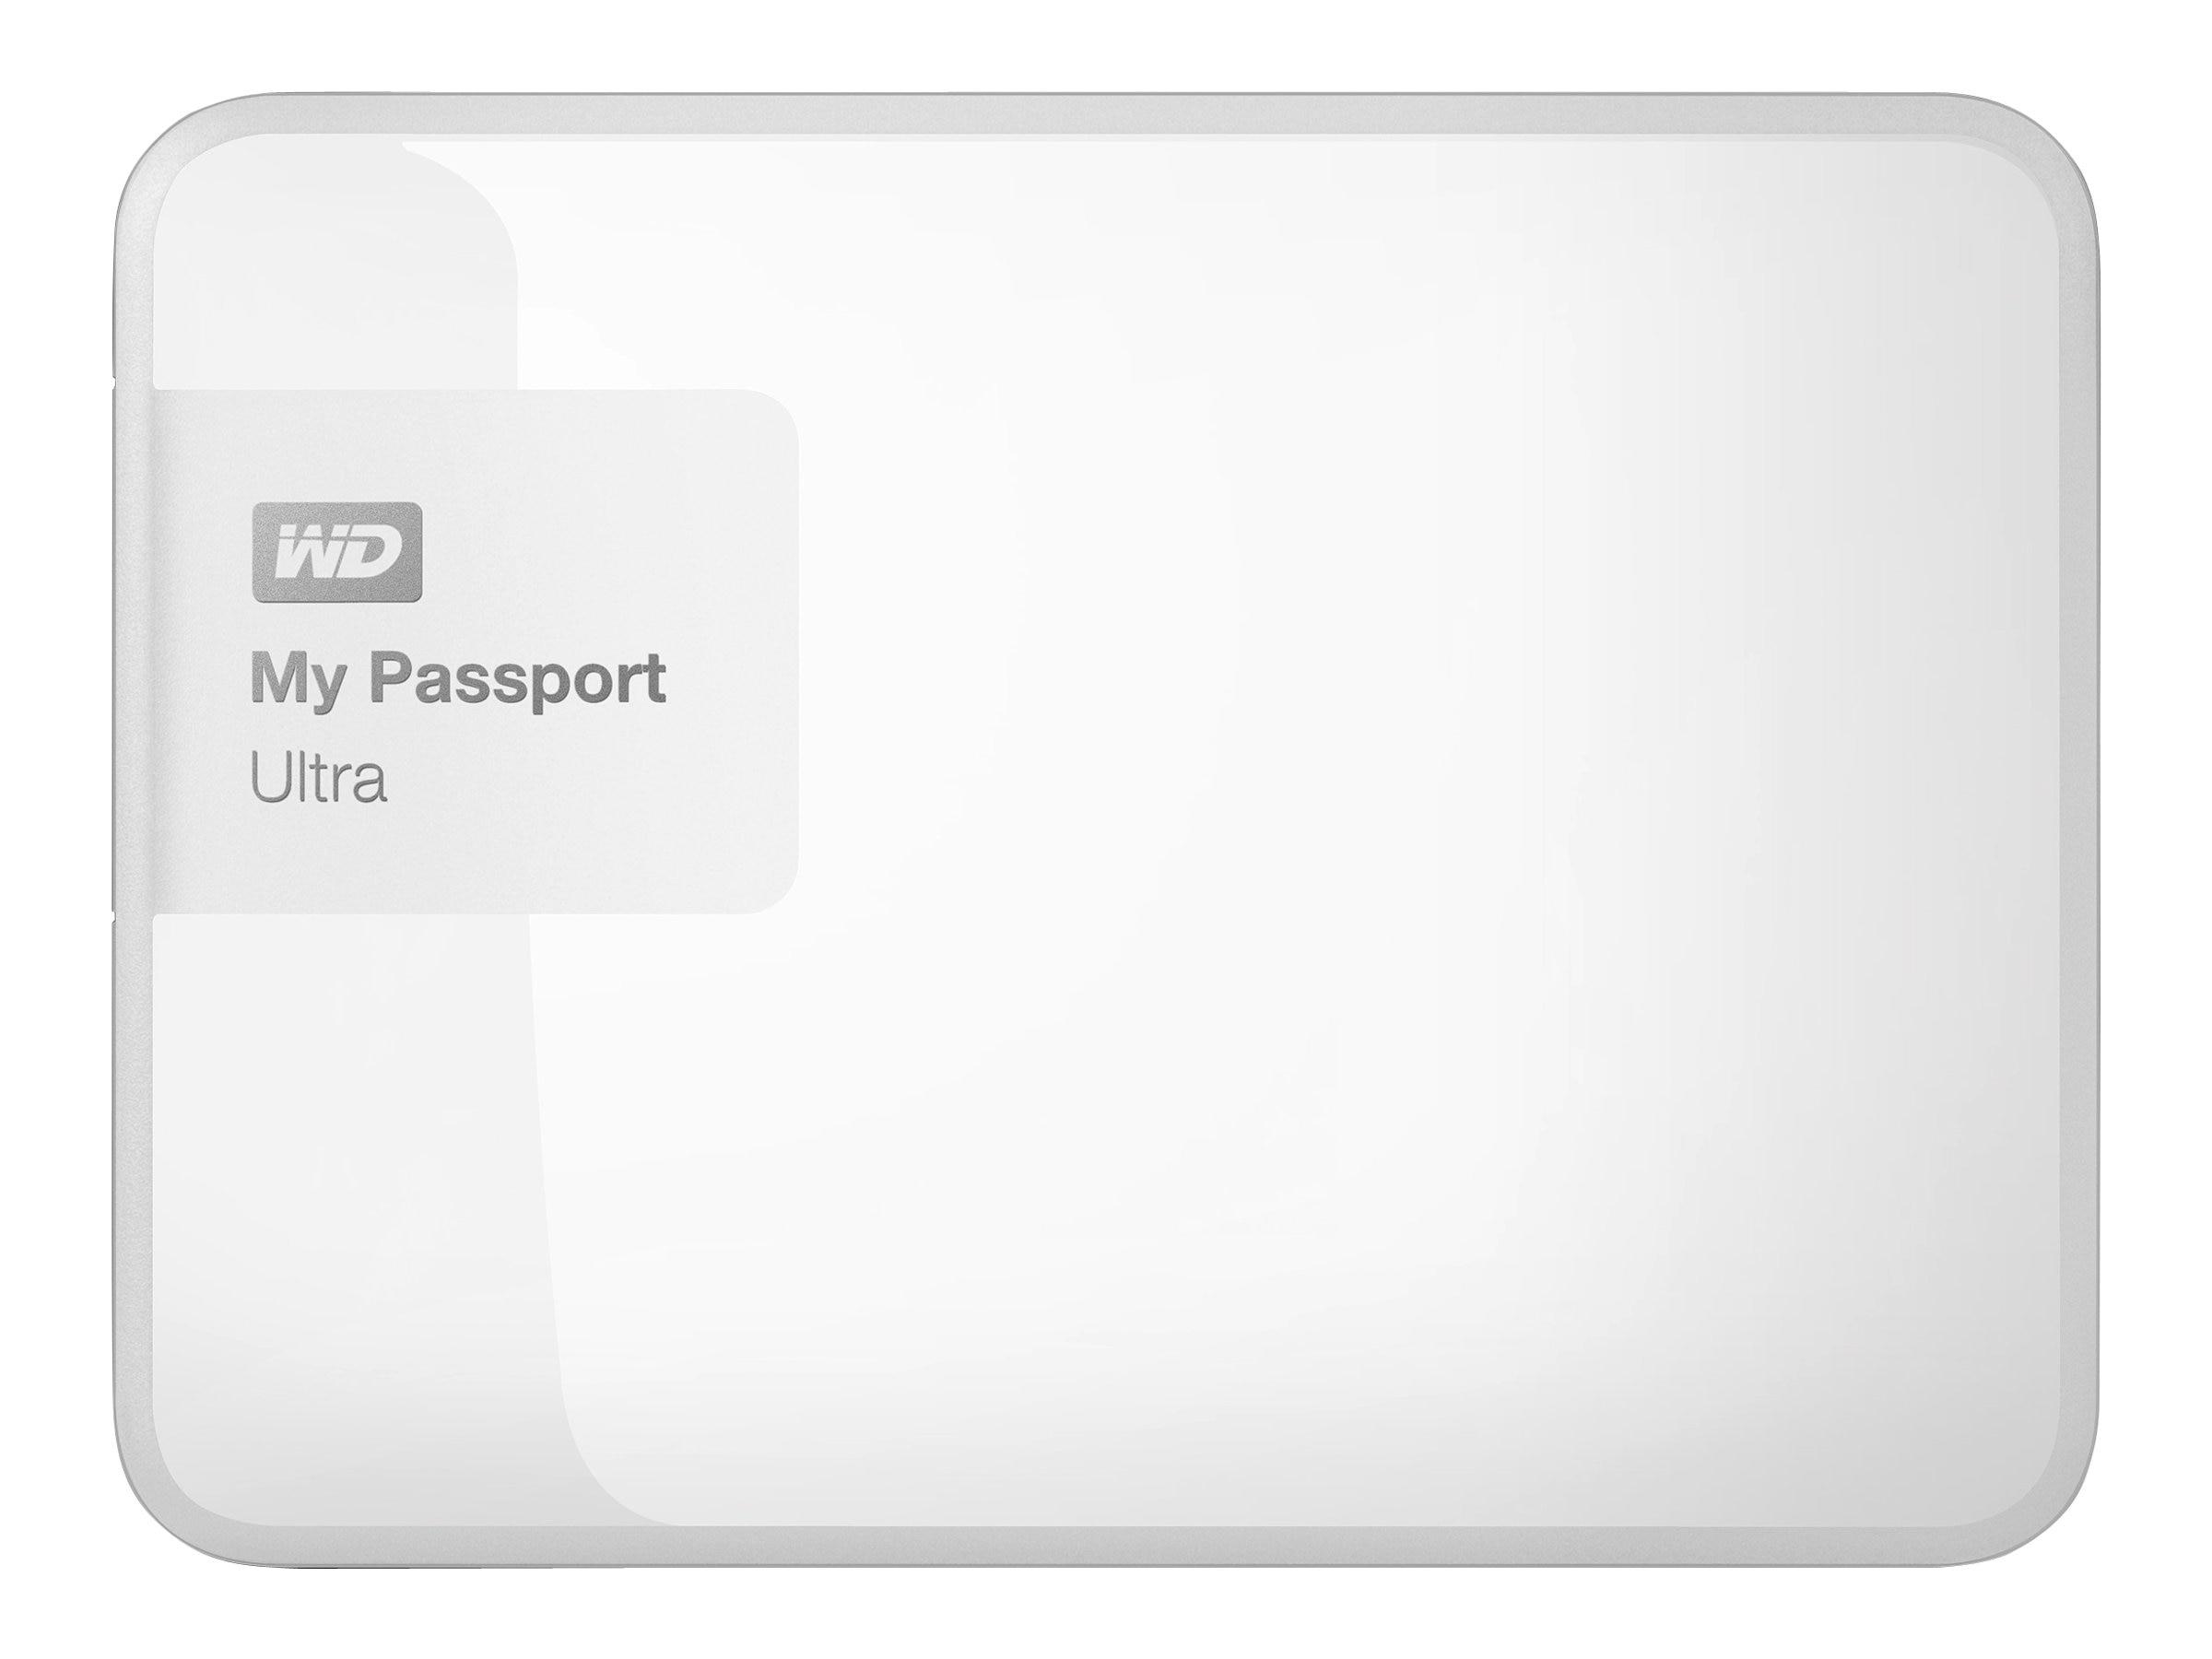 WD WDBBKD0020BWT-NESN Image 2